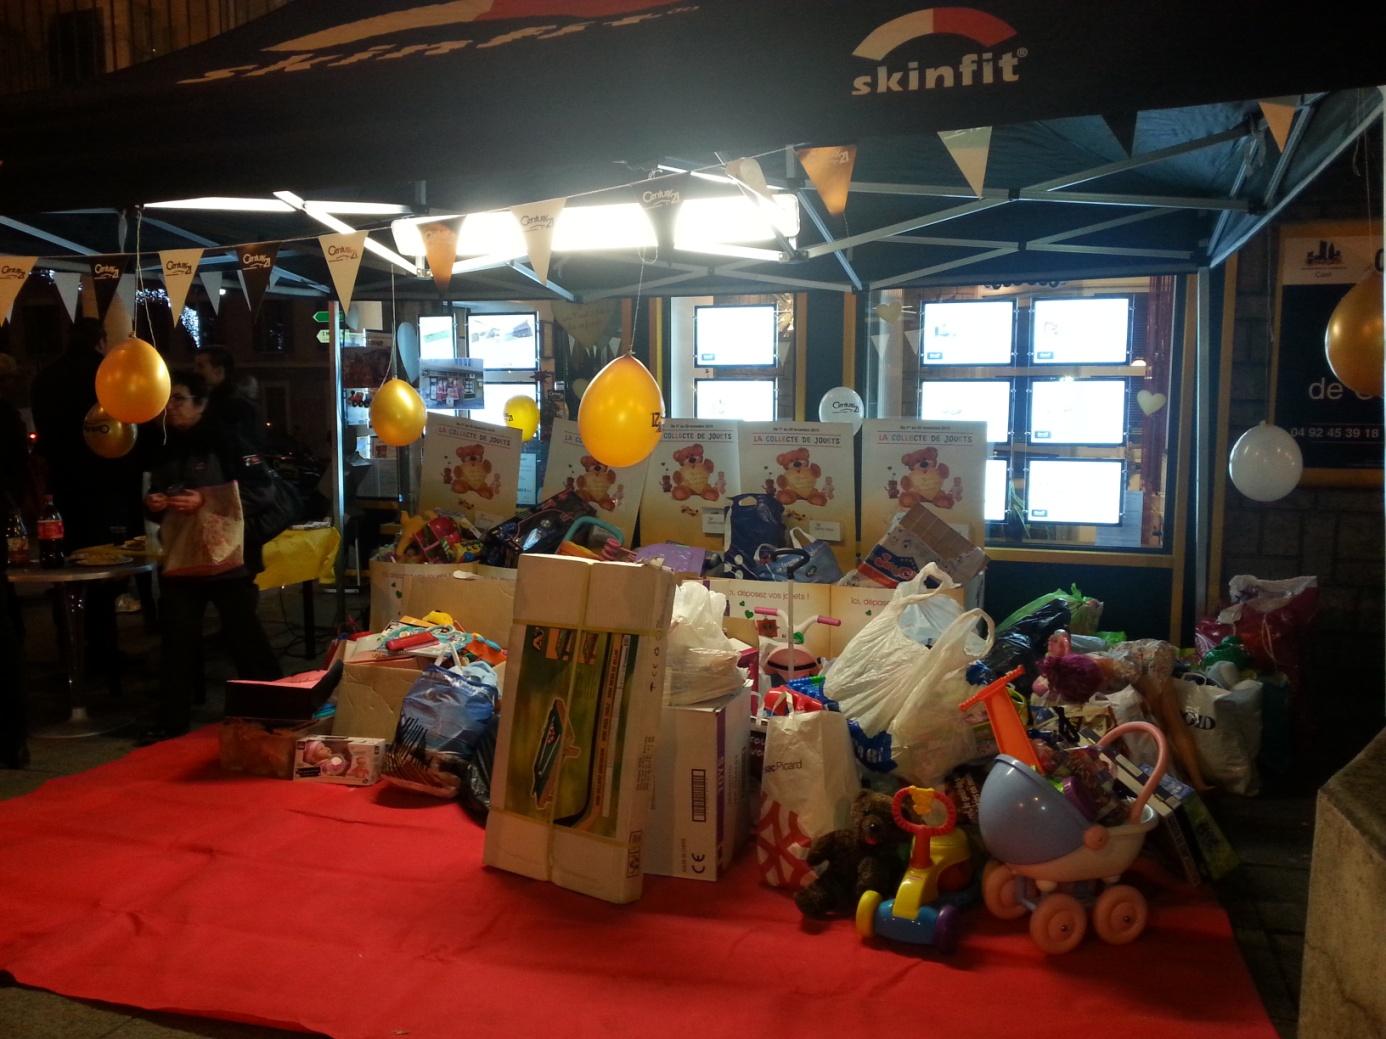 photo jouets sur table et ballons